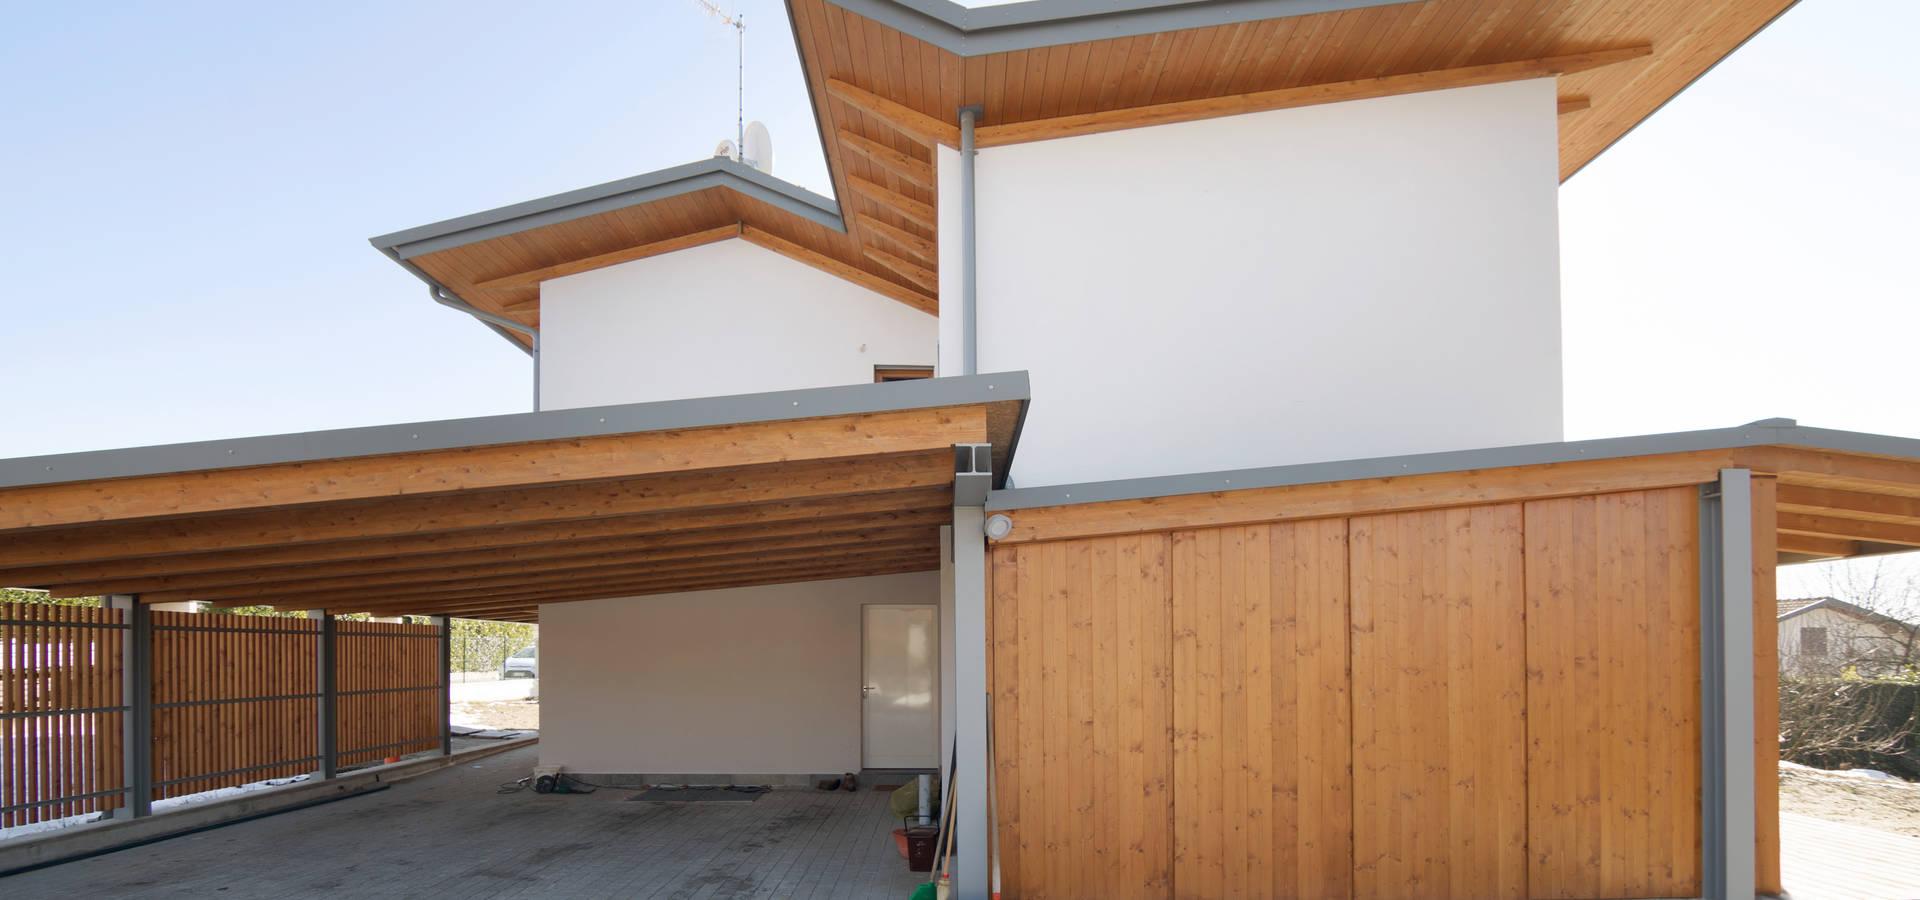 Ville prefabbricate in legno eleganti ed ecologiche di for Case in stile arti e mestieri